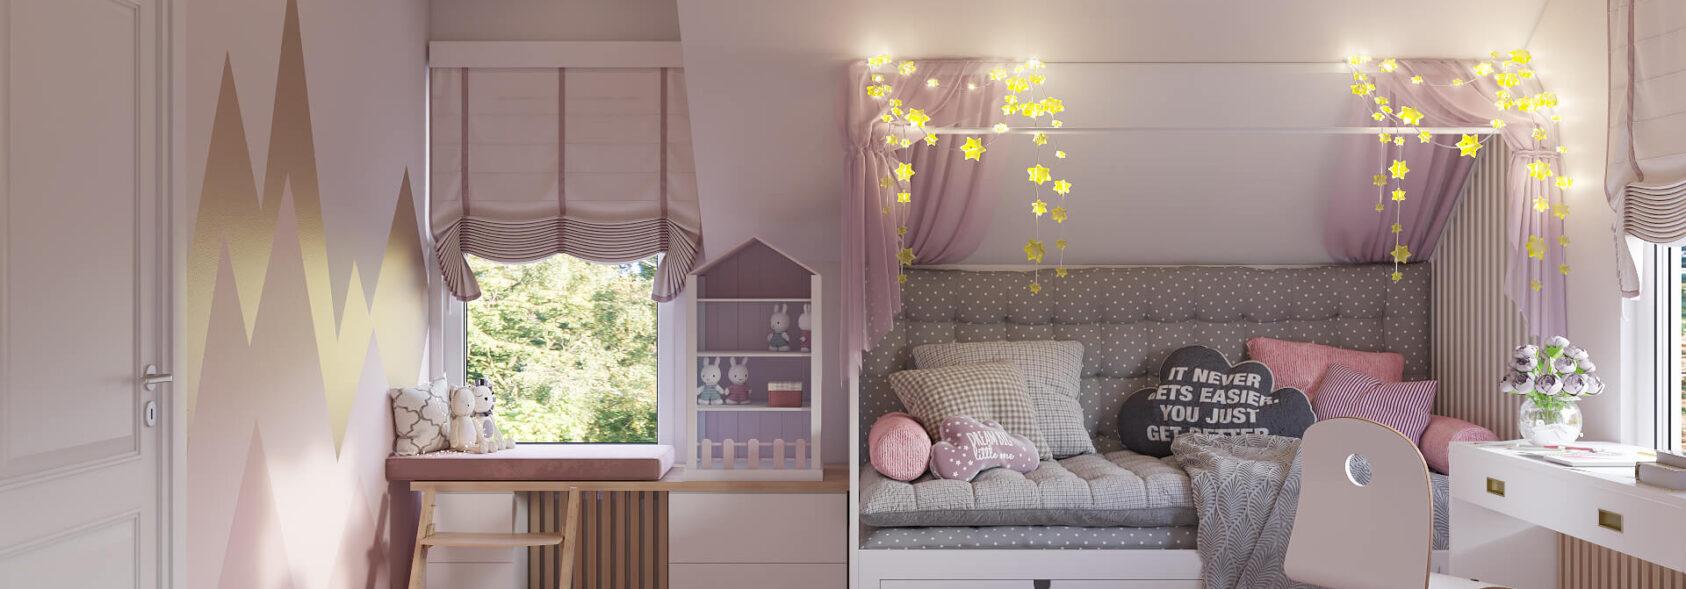 Дизайн интерьера дом Киев детская для девочки